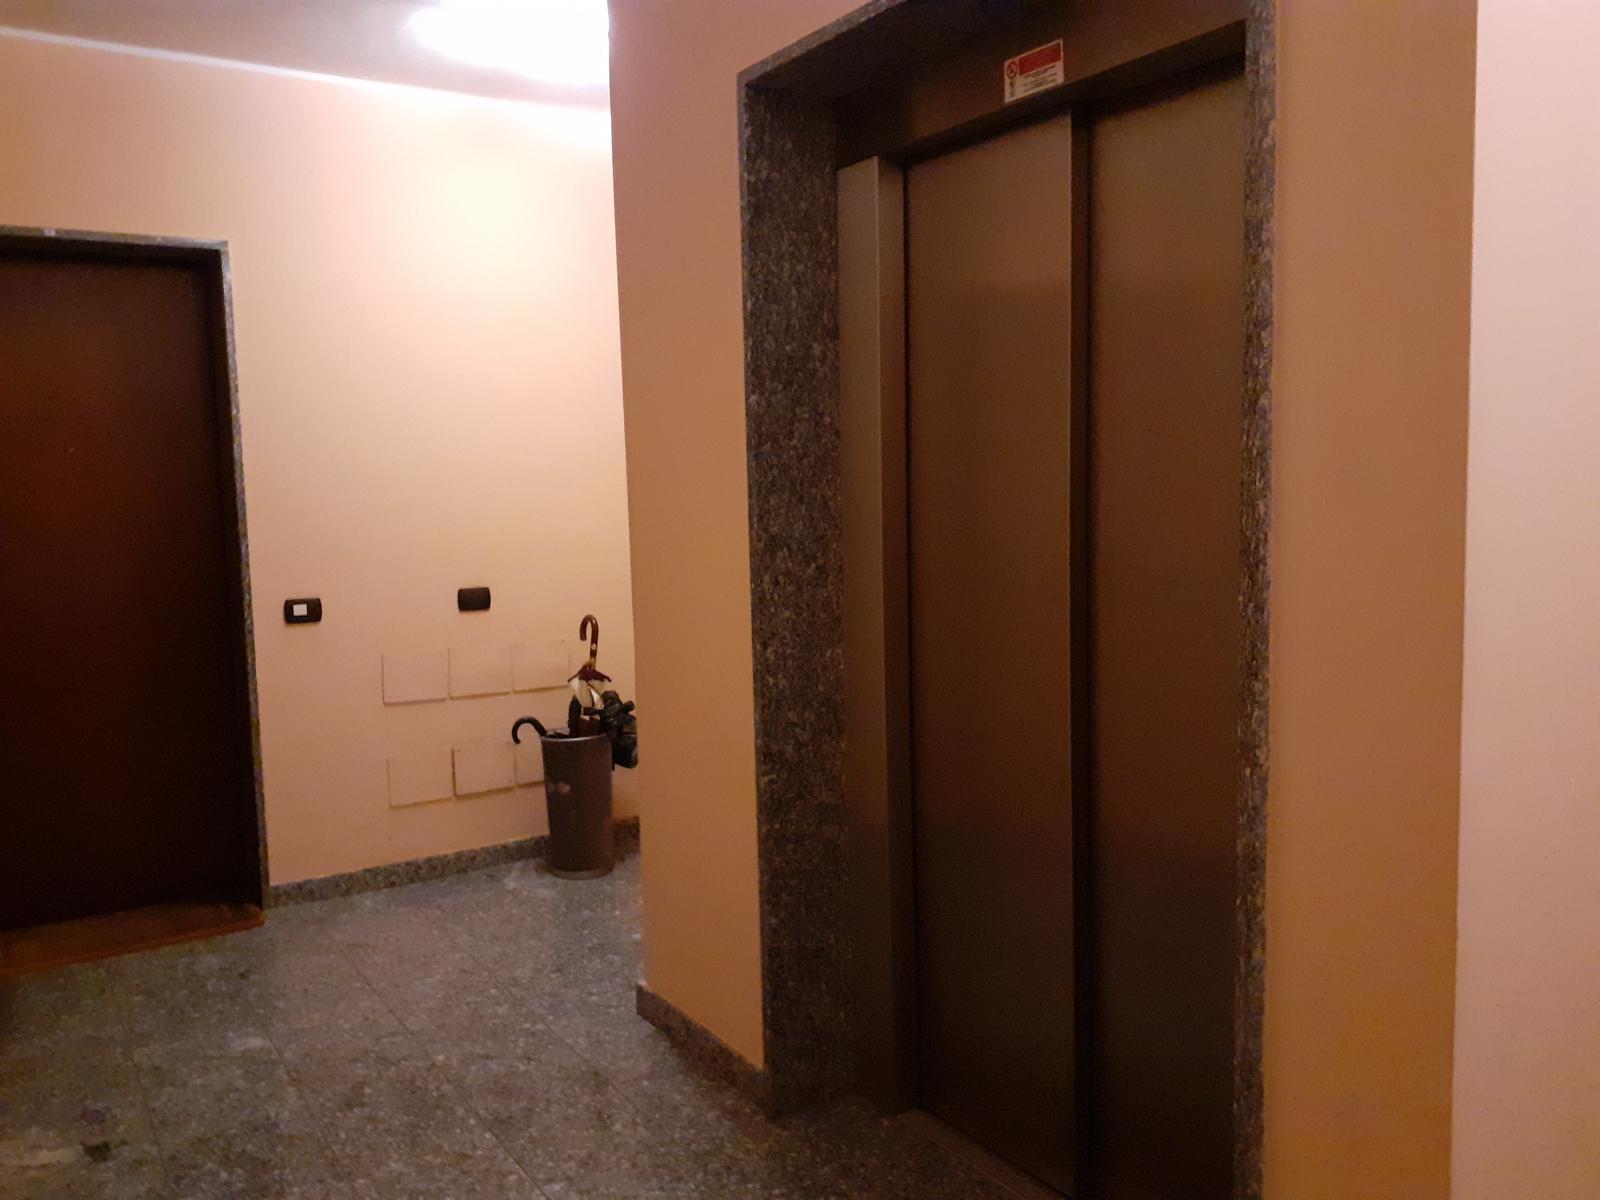 appartamento-in-vendita-a-milano-san-siro-via-capecelatro-spaziourbano-immobiliare-vende-10